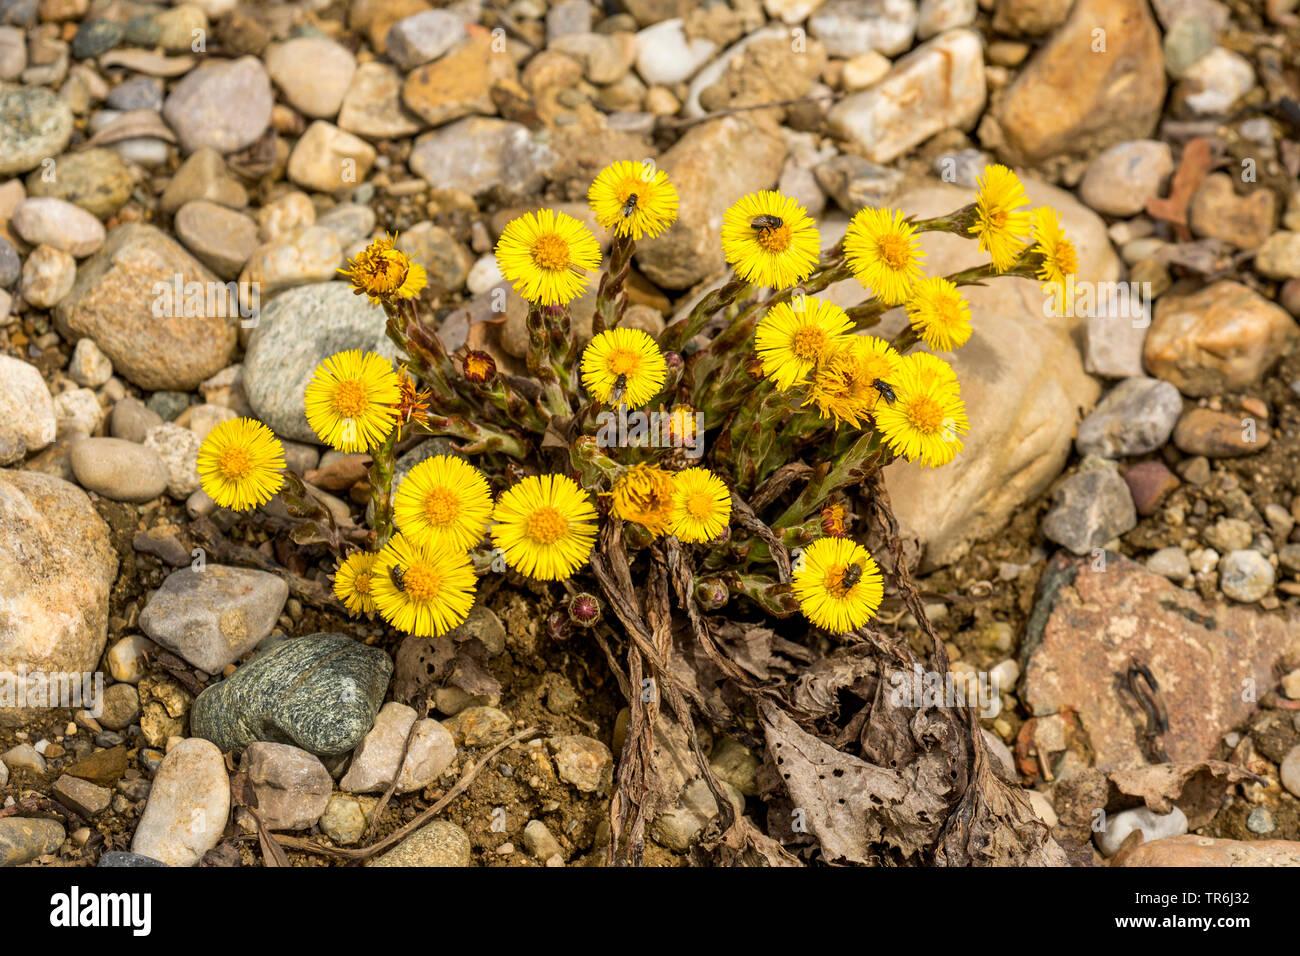 Huflattich (Tussilago farfara), bluehend, mit zahlreichen Insekten, Deutschland, Bayern | colts-foot, coltsfoot (Tussilago farfara), blooming with sev - Stock Image